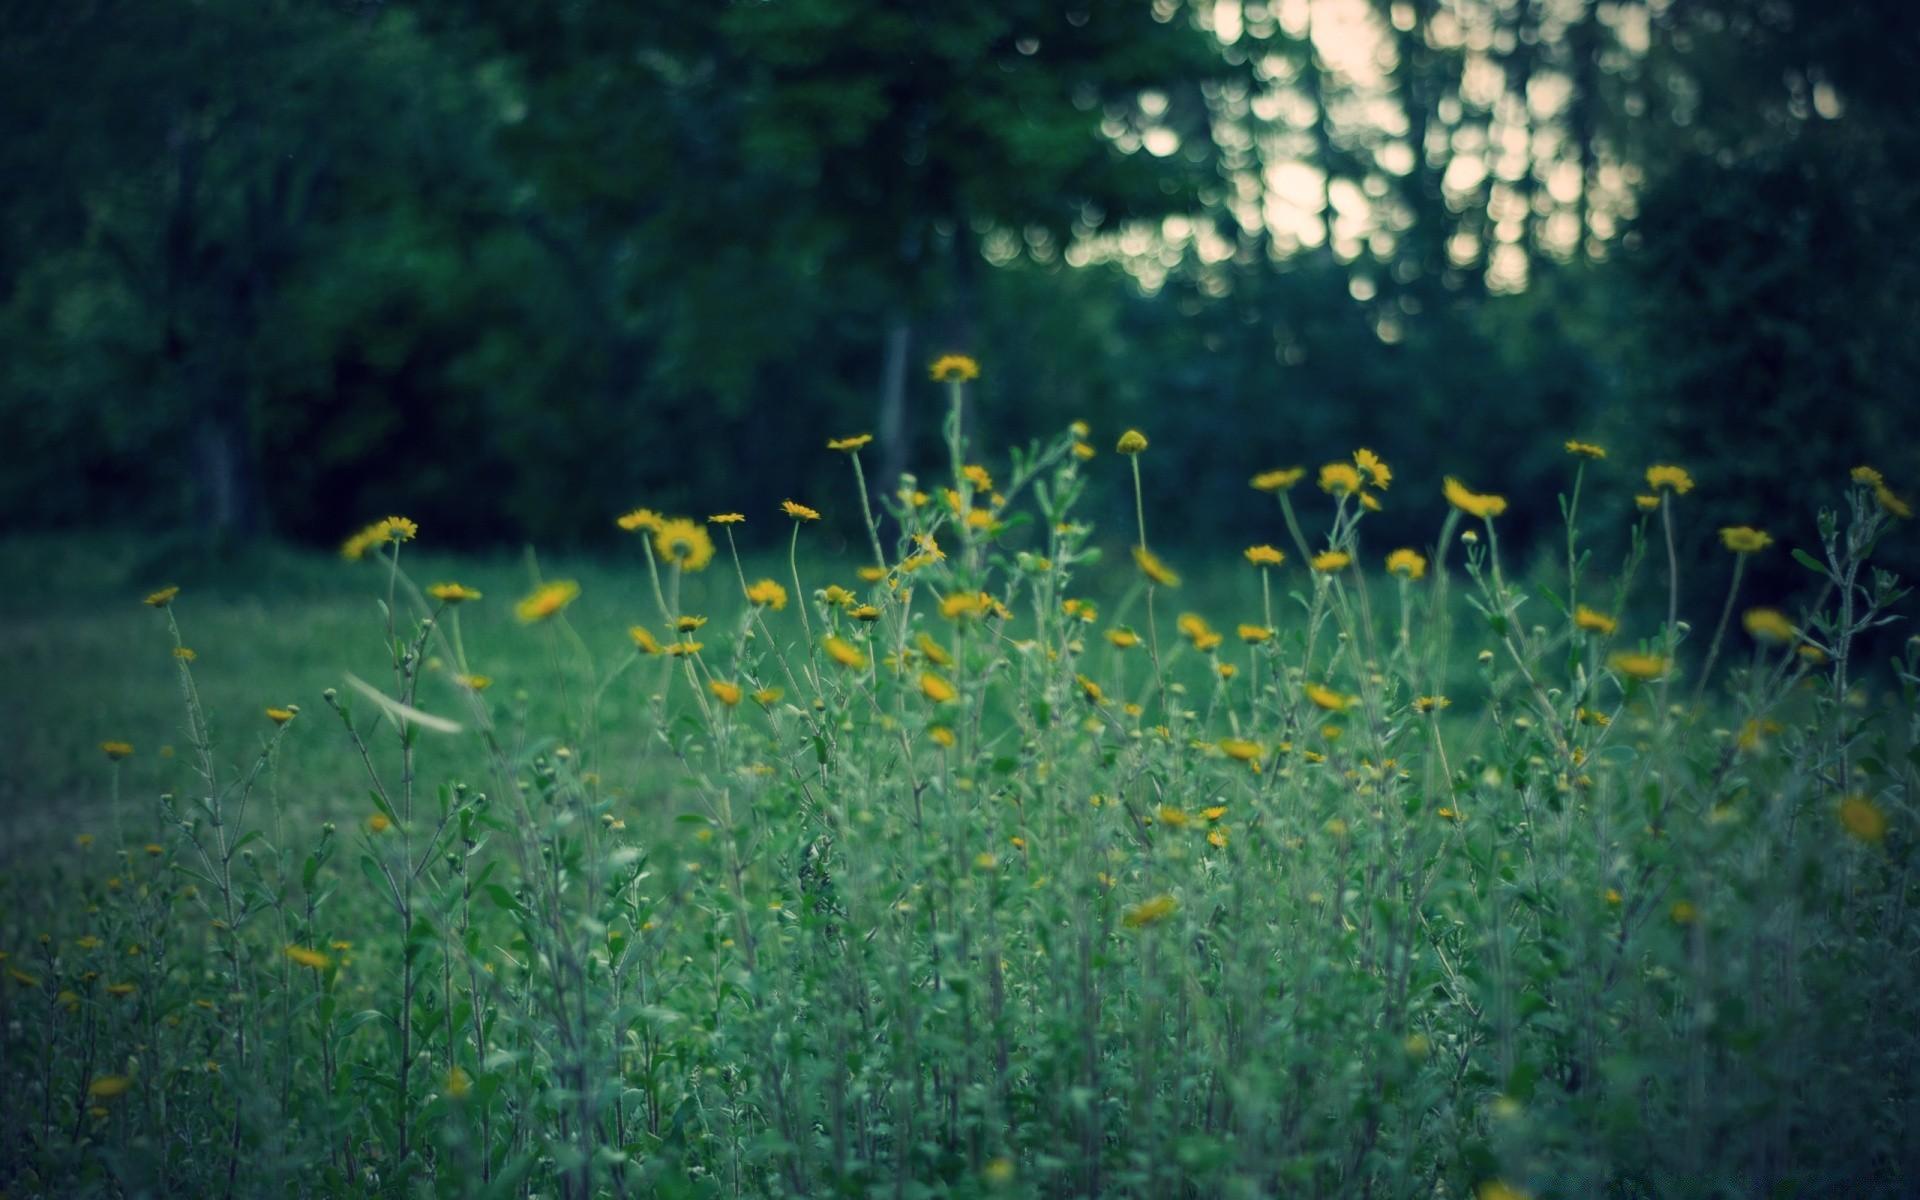 желто зеленые картинки на природе таких штор